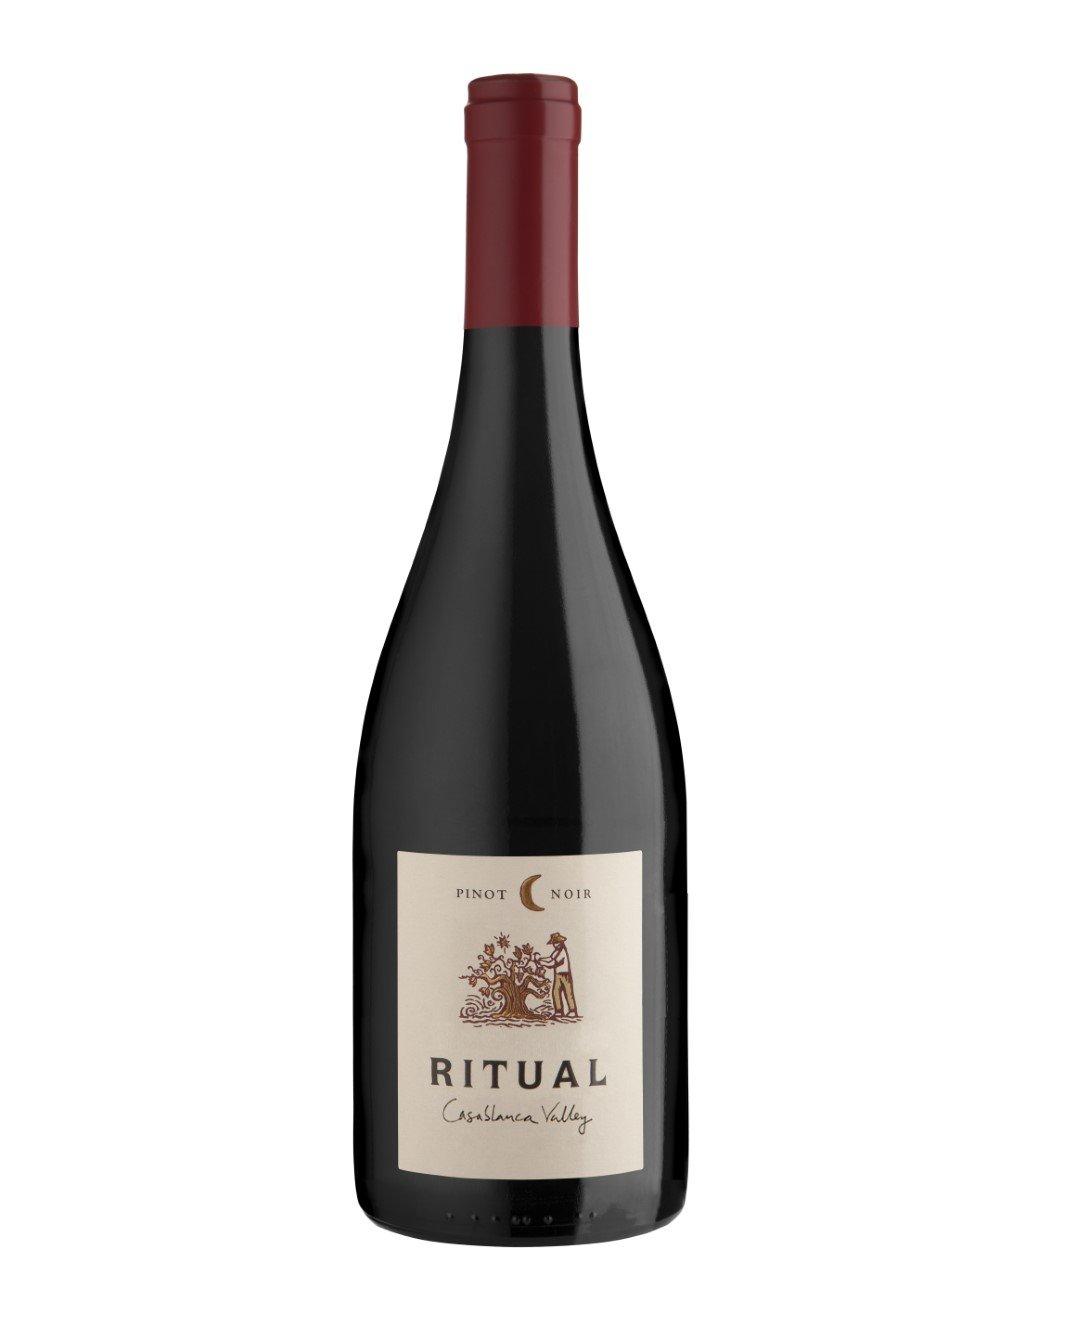 2016 Ritual Pinot Noir Casablanca Valley